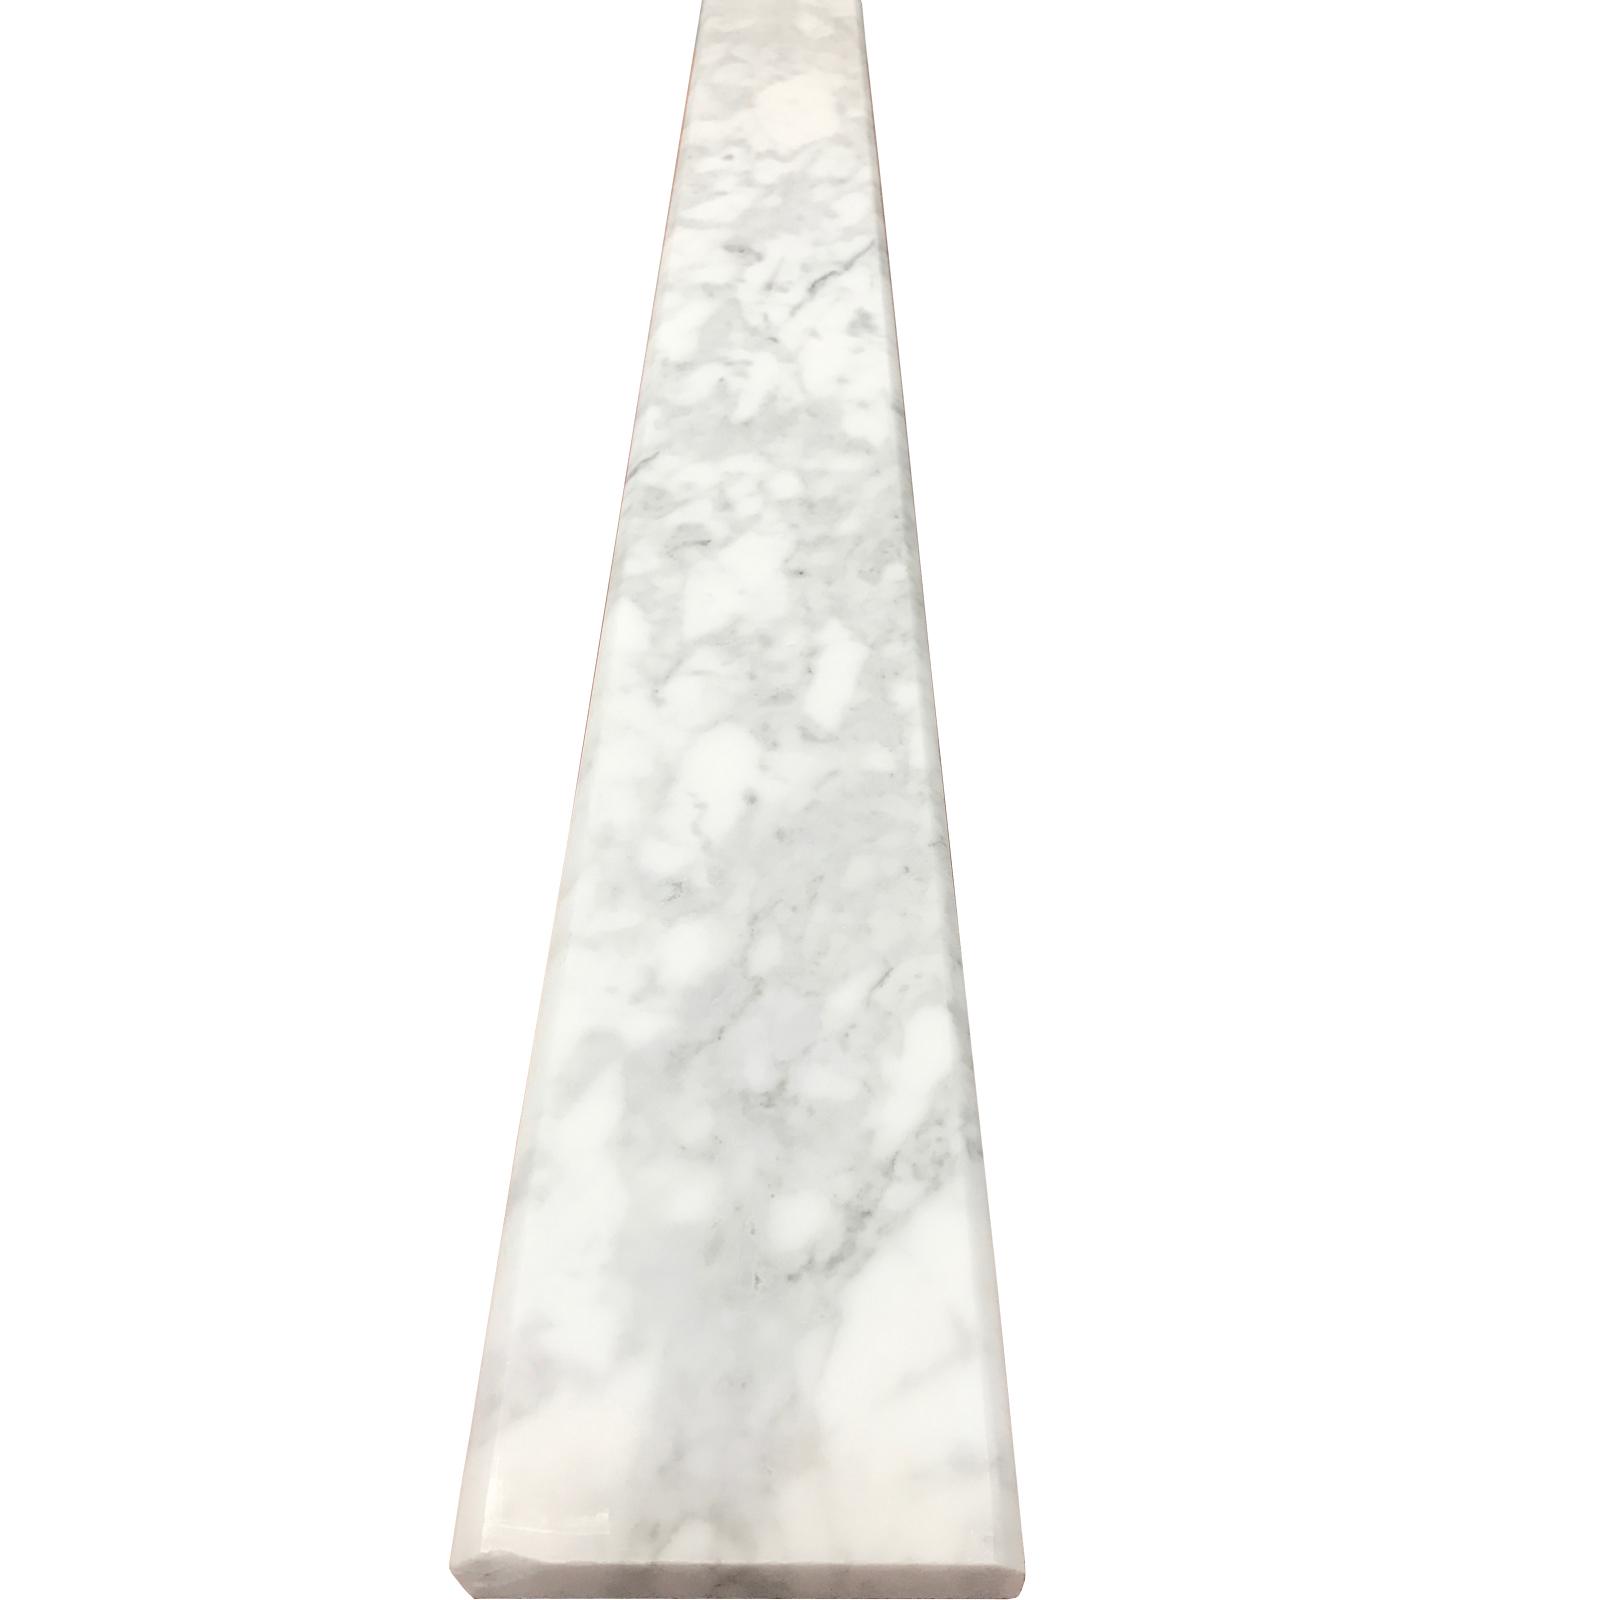 4 X 32 Saddle Threshold Carrara White Honed Marble